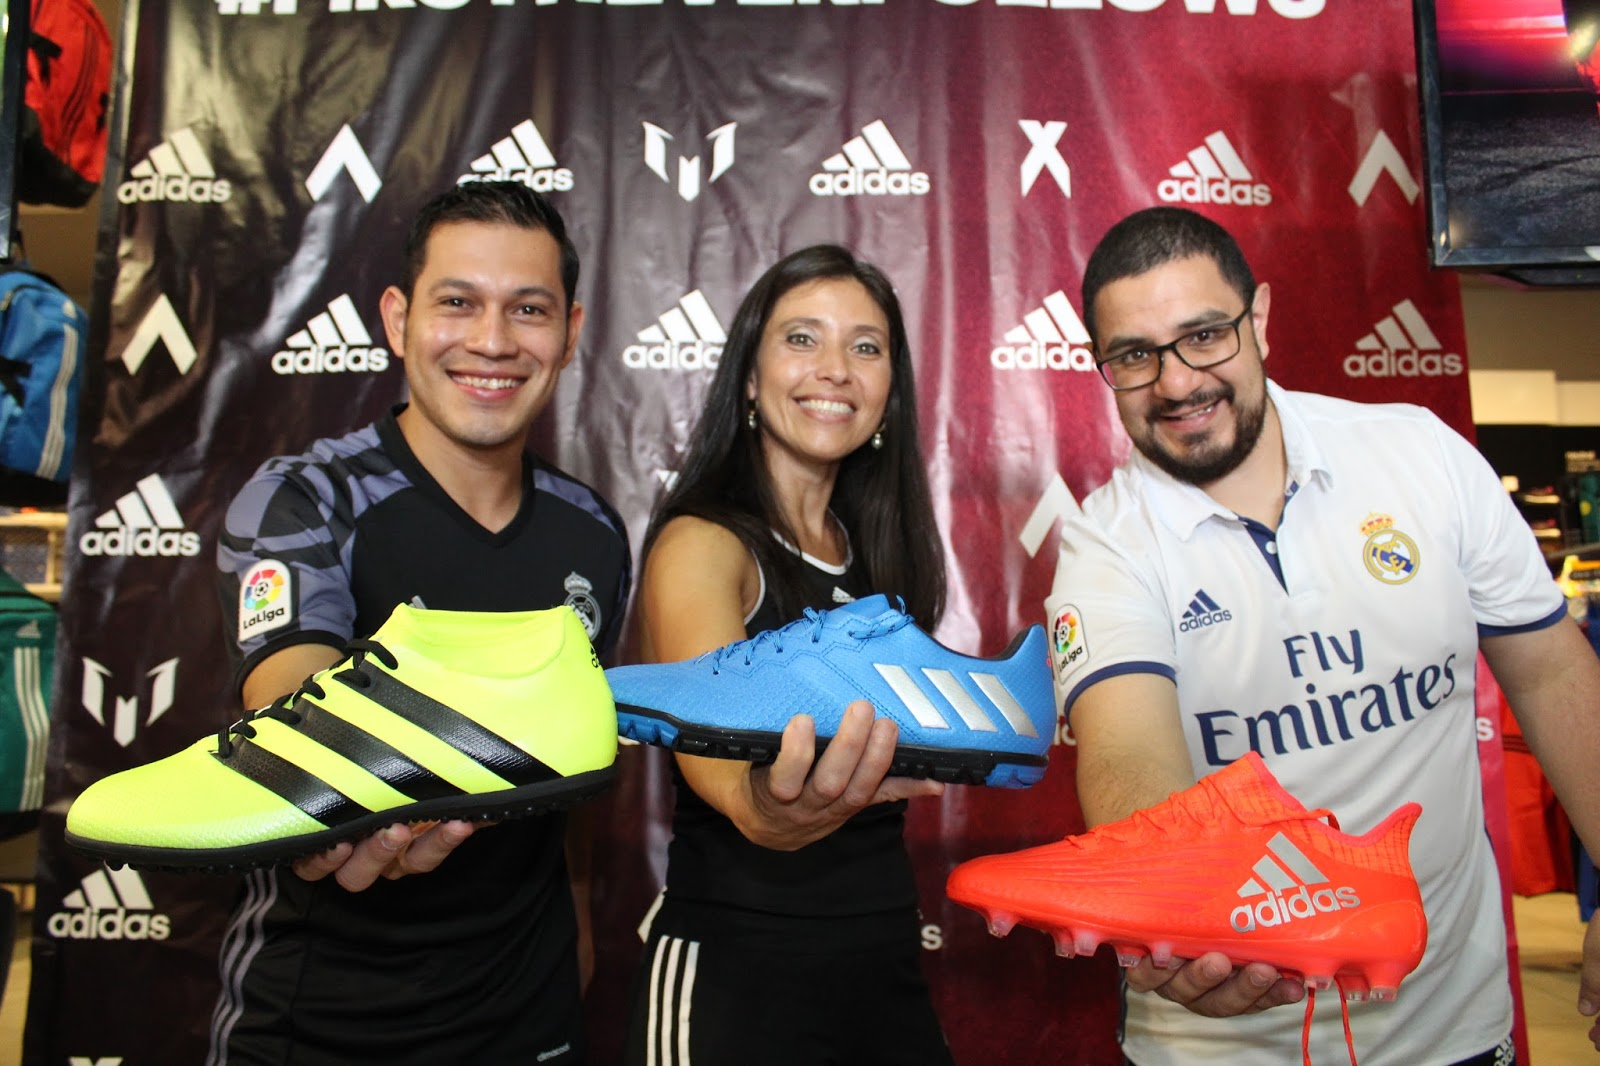 Adidas Football lanza los nuevos botines Speed of Light para la ... 923b72ecbb536